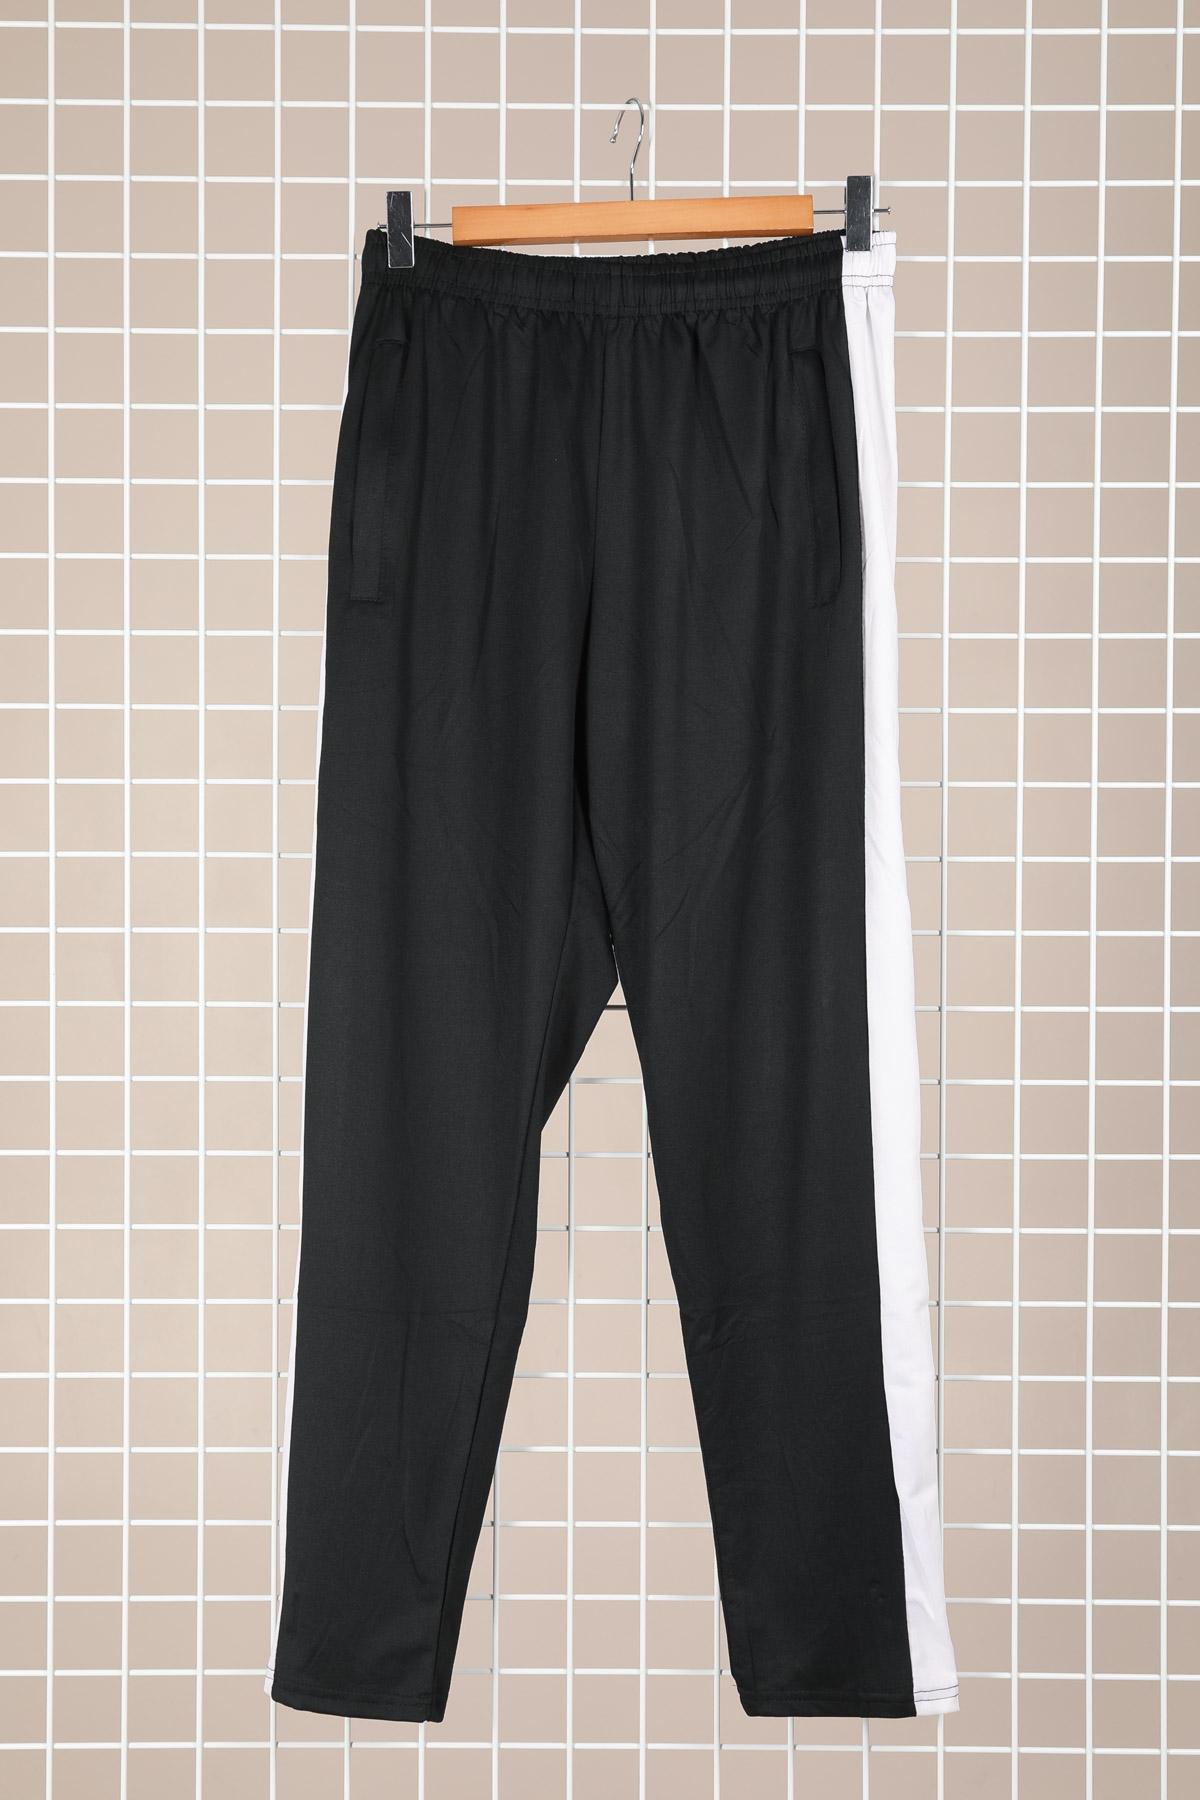 Pantalons Homme Noir DCZ HD010 #c eFashion Paris